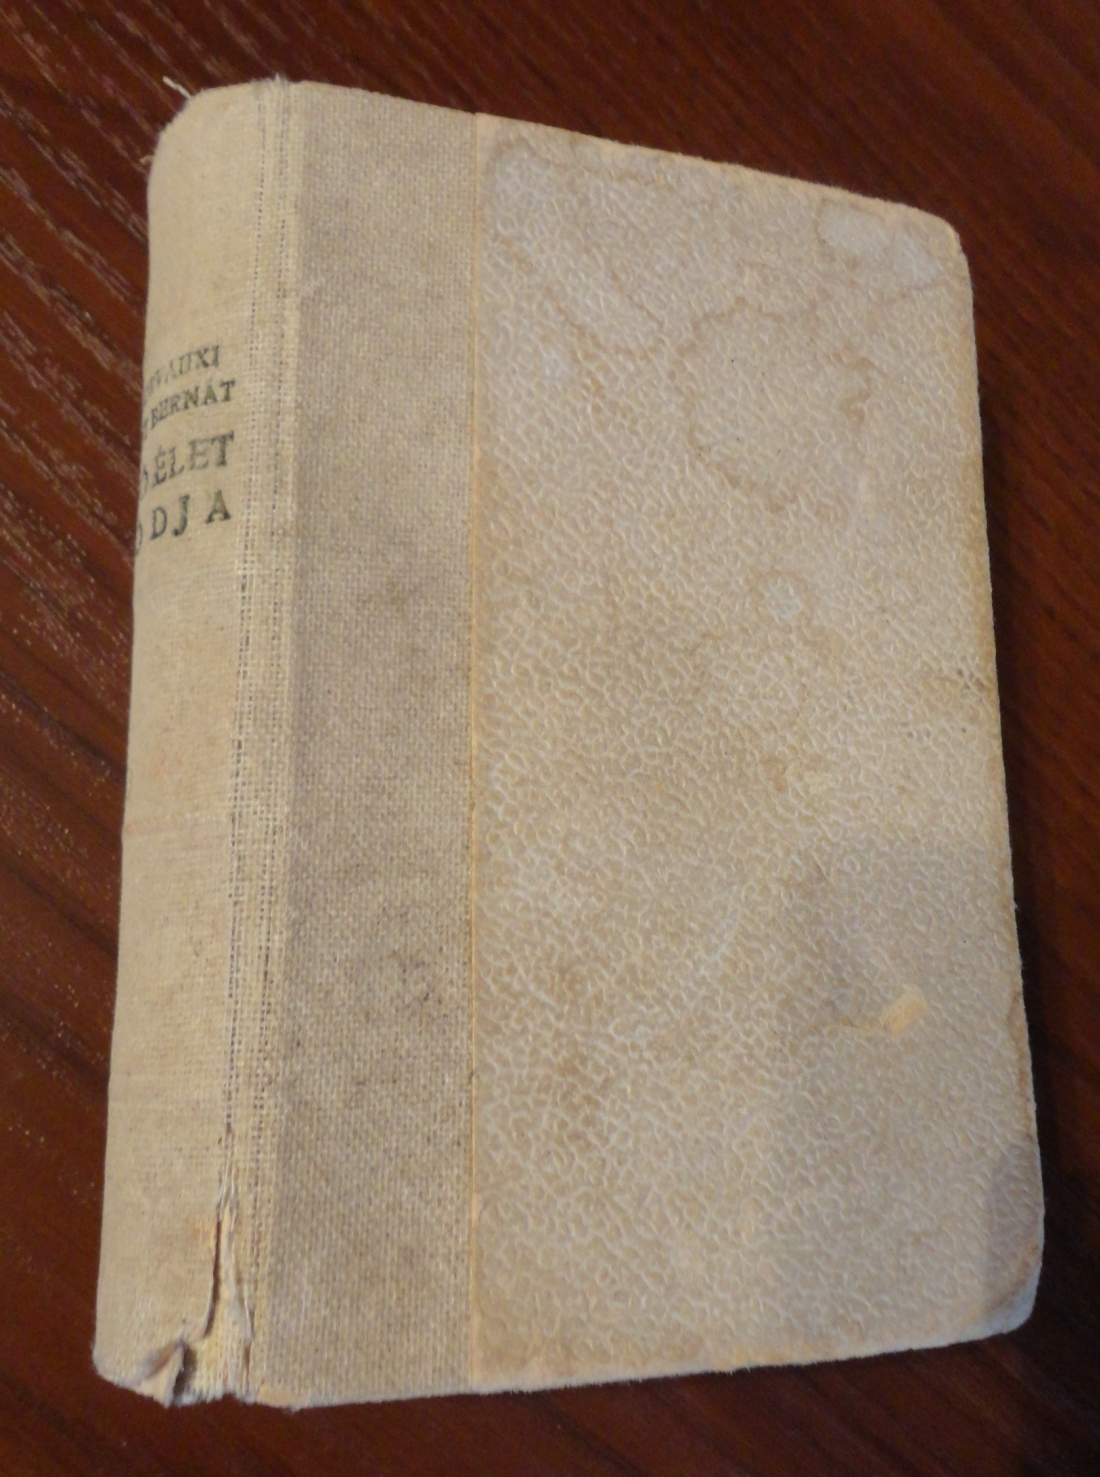 Szent Bernát A jó élet módja c. kis könyv (Szent István Társulat, 1943.)